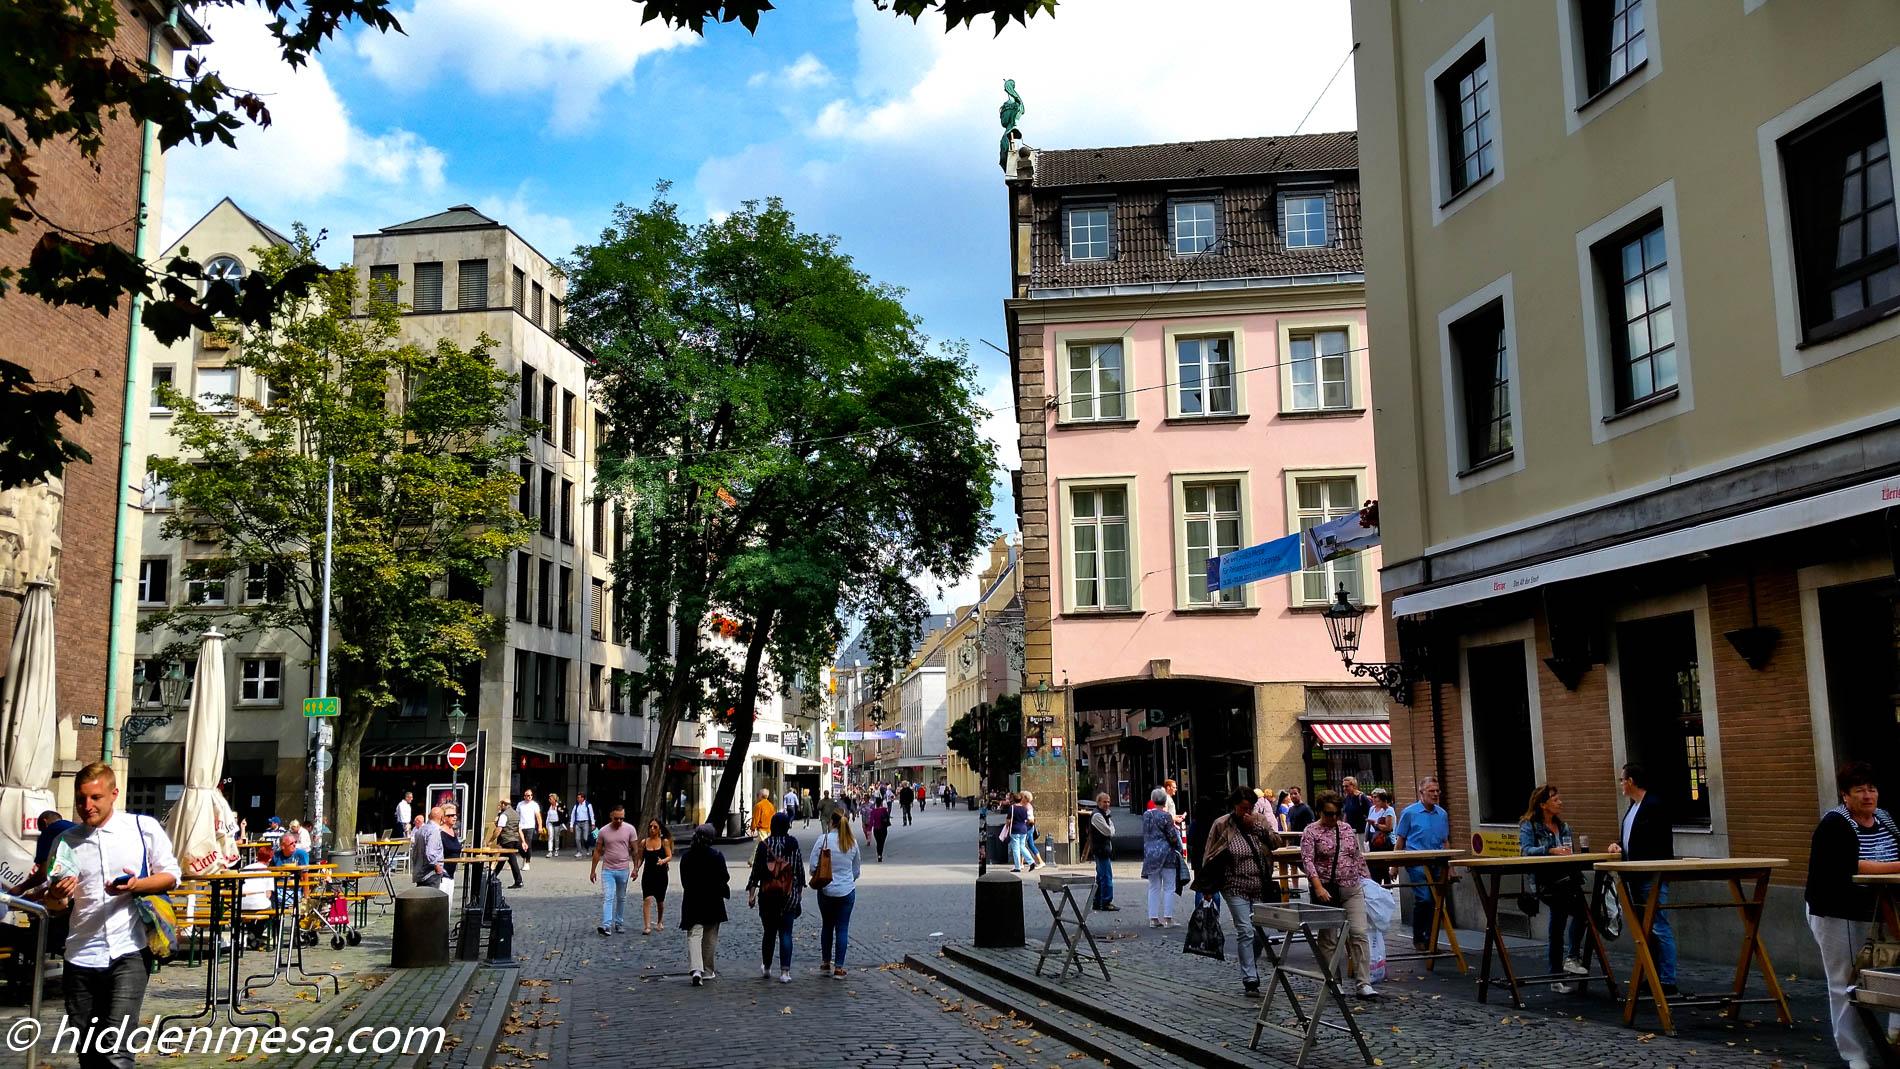 Altstadt, Dusseldorf